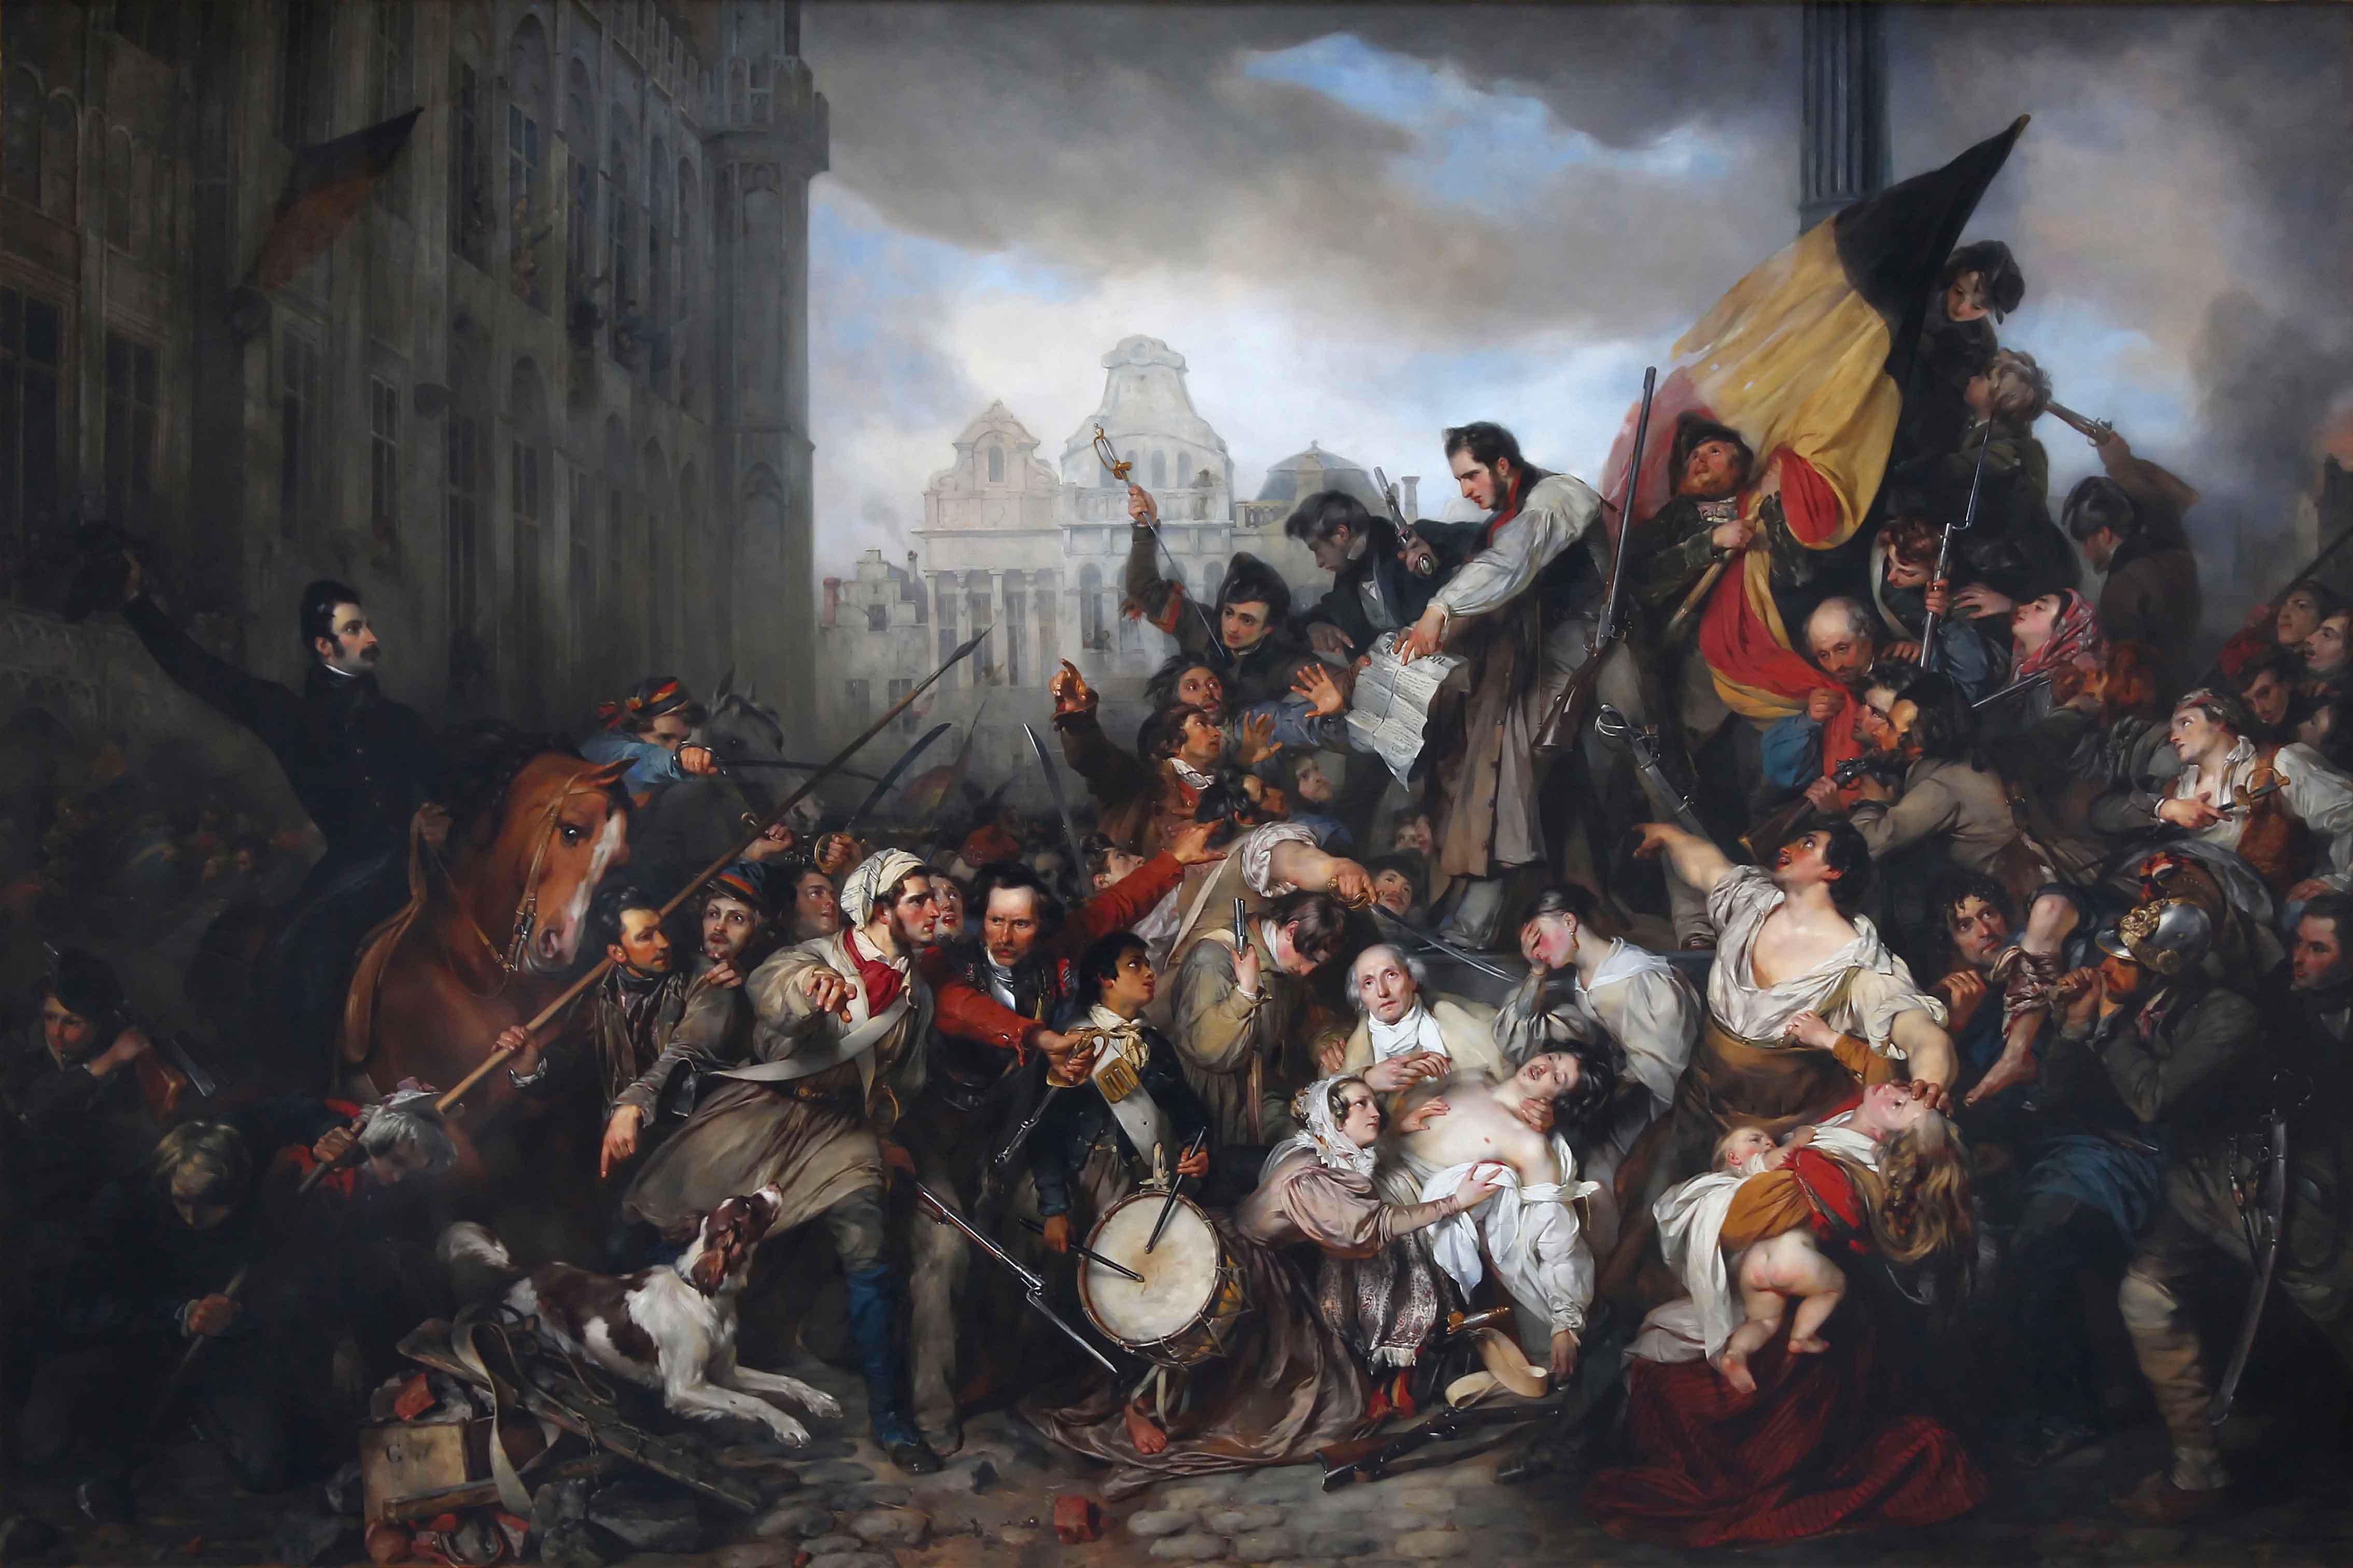 Épisode des Journées de septembre 1830 sur la place de l'Hôtel de Ville de Bruxelles, par Gustave Wappers (1835)